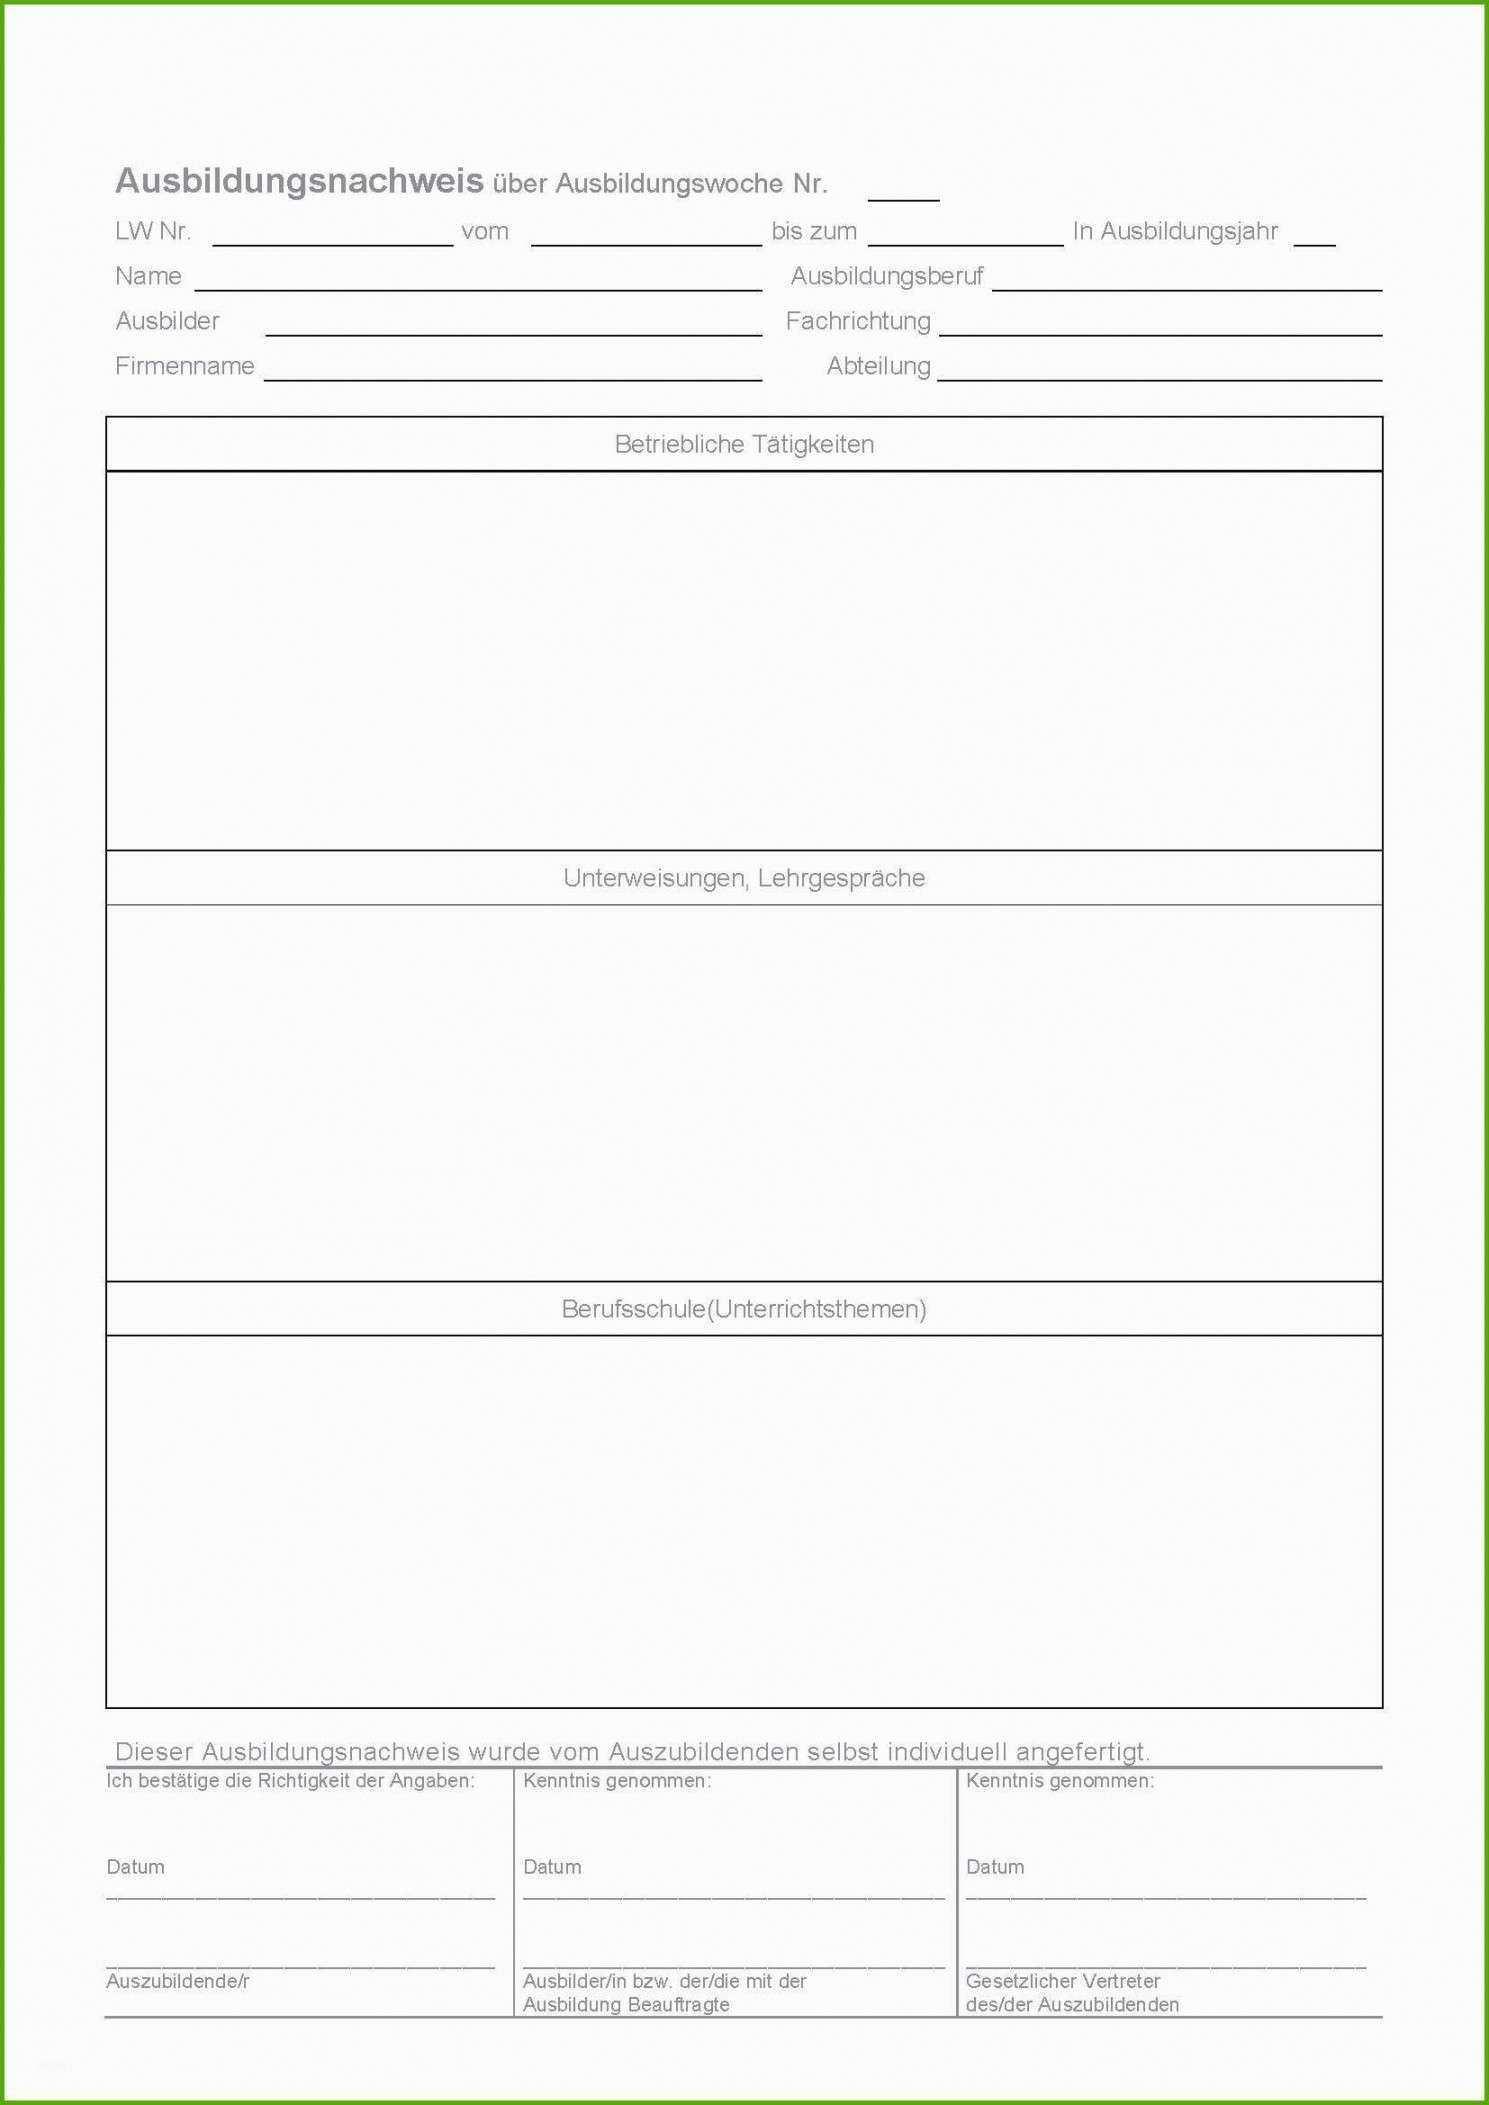 Likeable Liquiditatsplanung Excel Vorlage Ihk In 2020 Excel Vorlage Offizieller Brief Vorlagen